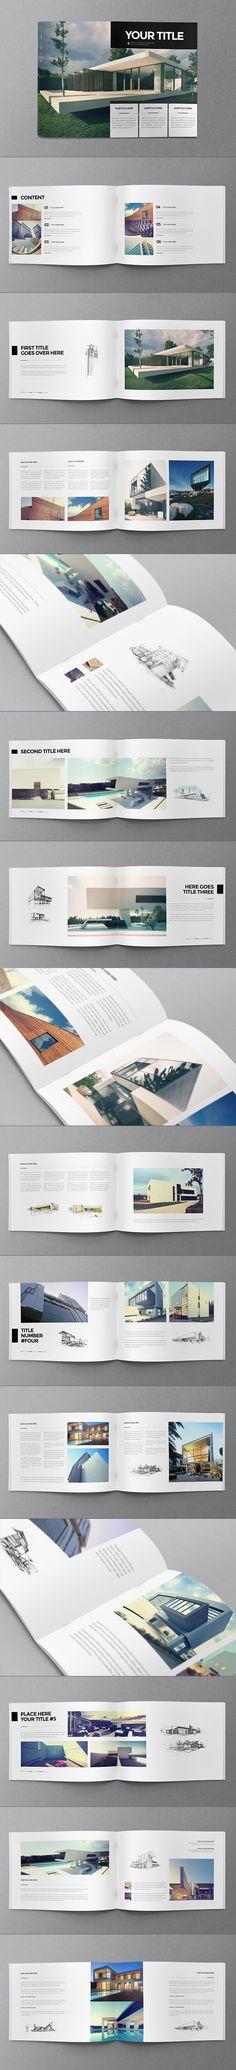 https://www.behance.net/gallery/22425307/Minimal-Architecture-Brochure